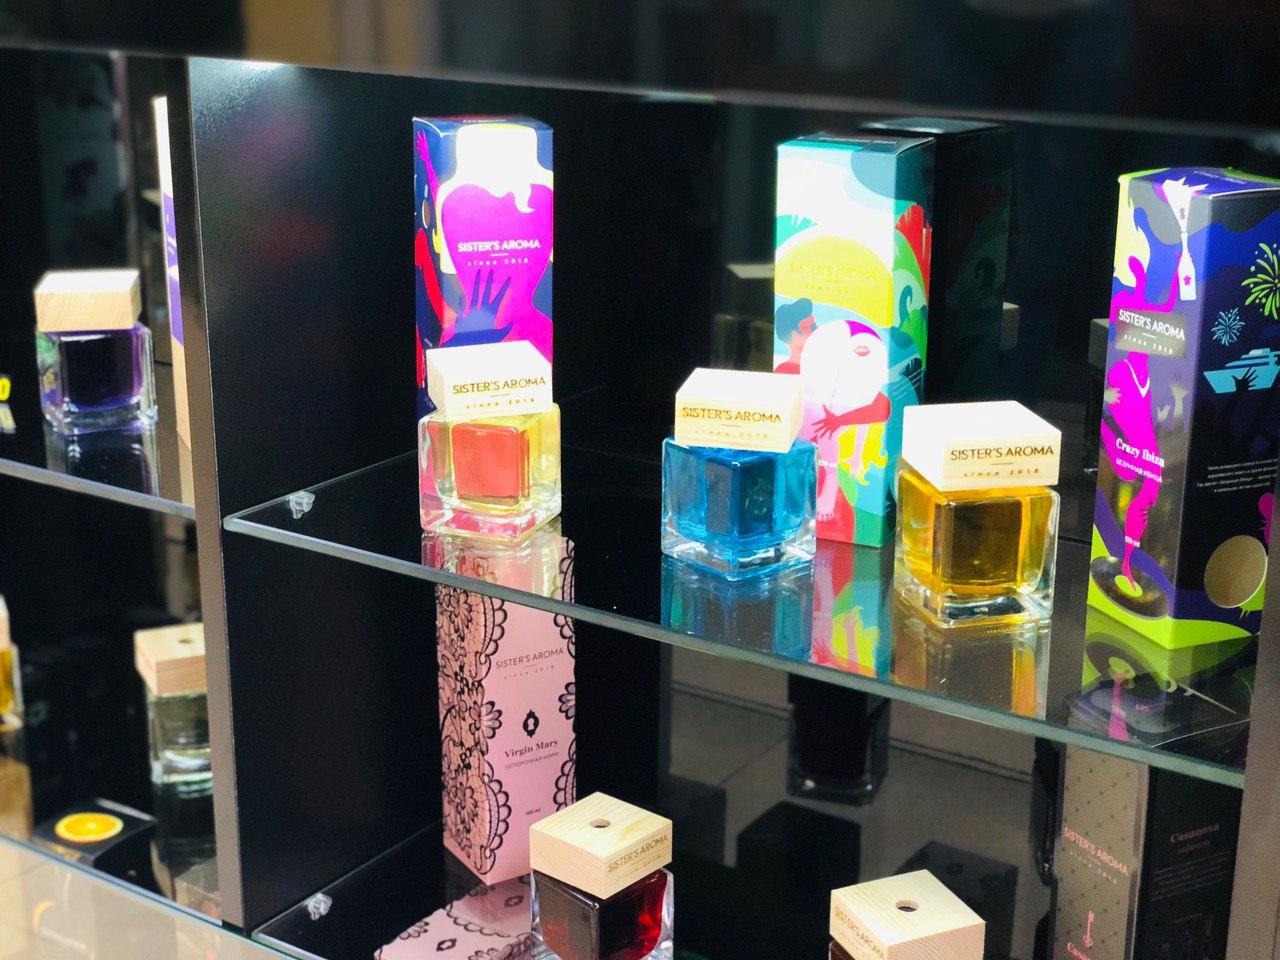 Магазин Sister's Aroma відкрився на -1 поверсі ТРЦ